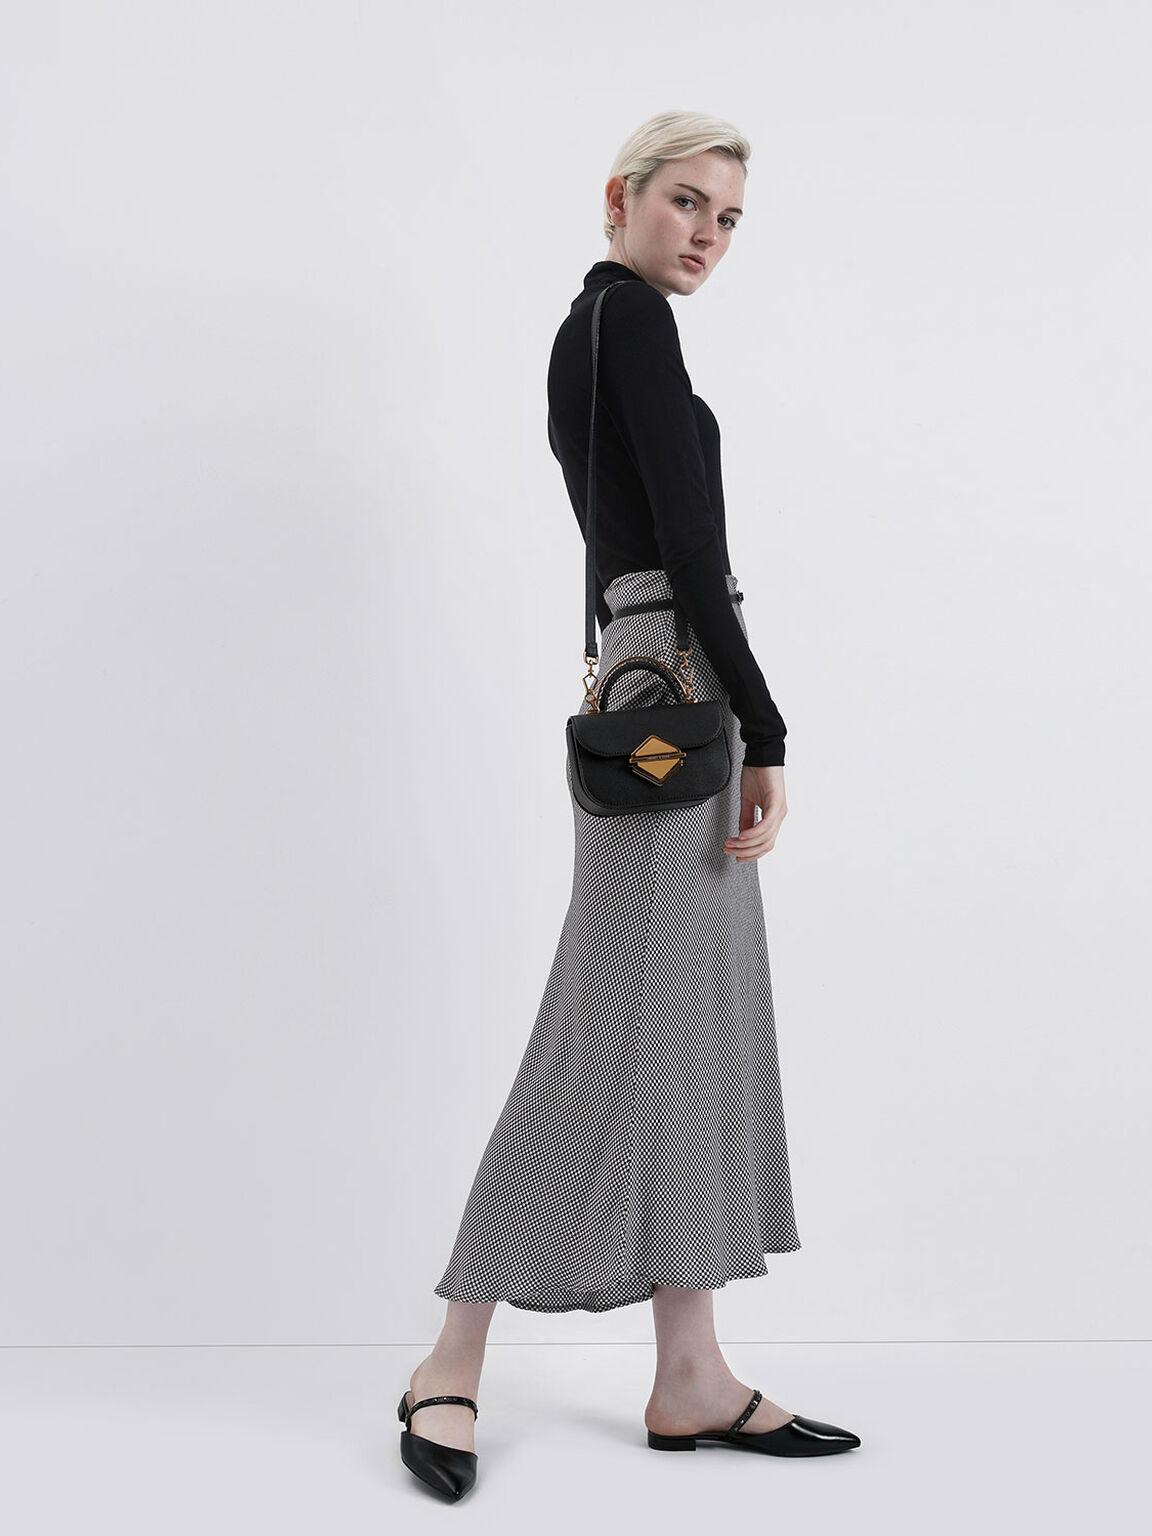 Glossy Embellished Strap Flats, Black, hi-res